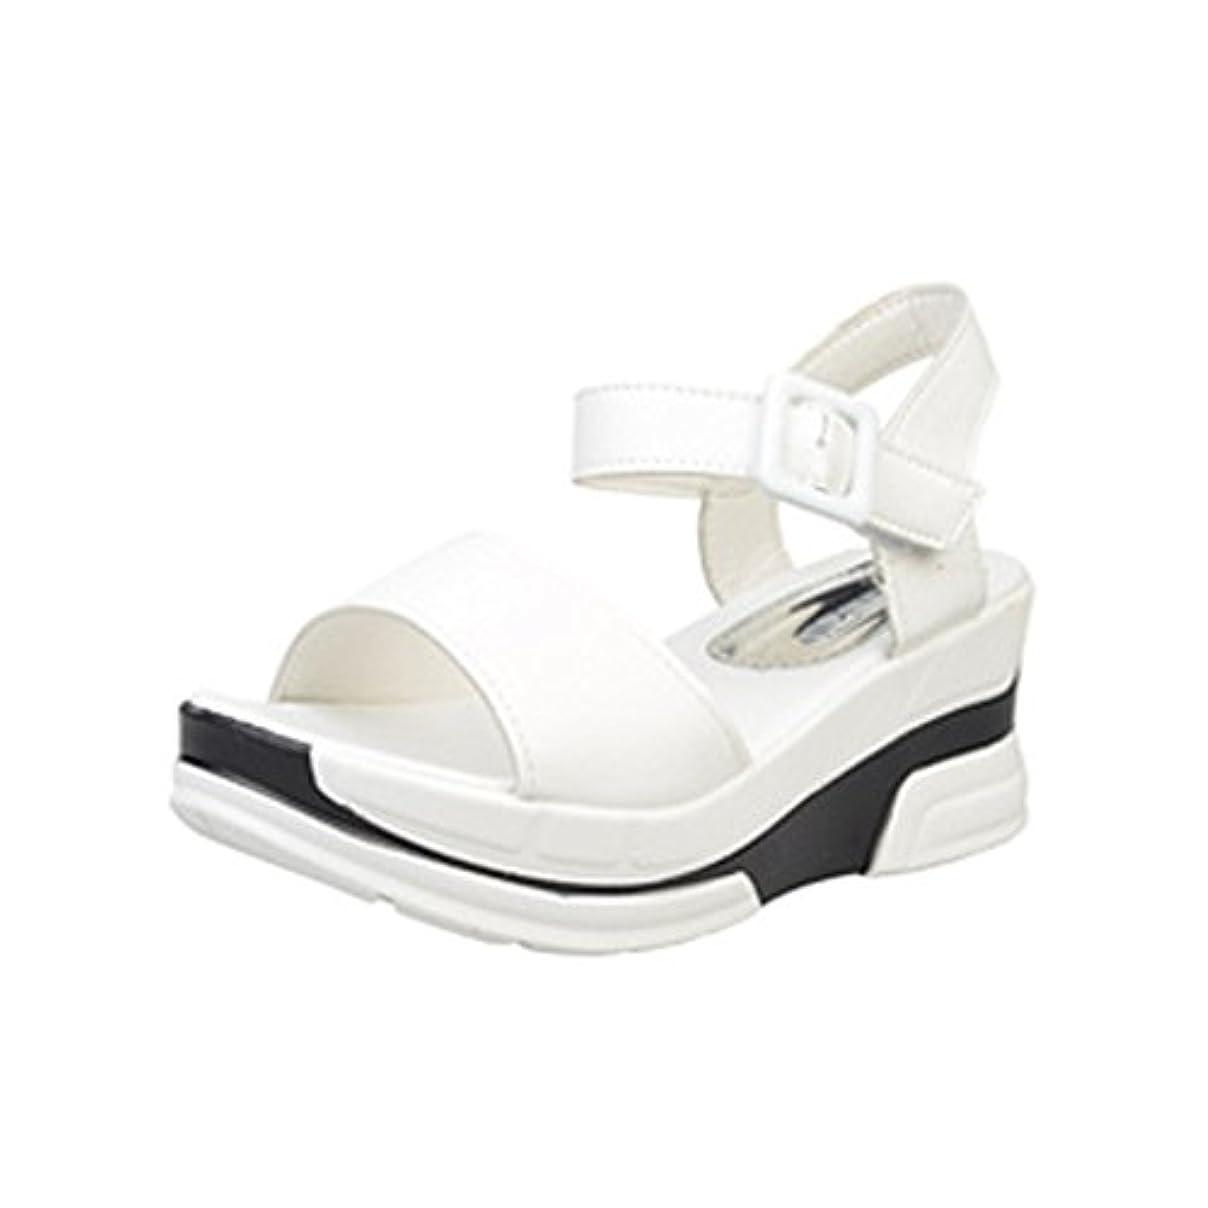 信仰指標いちゃつく[シューズ Foreted] サンダル フラット アンクルストラップ 美脚 フォーマル 厚底 おしゃれ 夏 歩きやすい コンフォート ウェッジソール ぺたんこ靴 可愛い